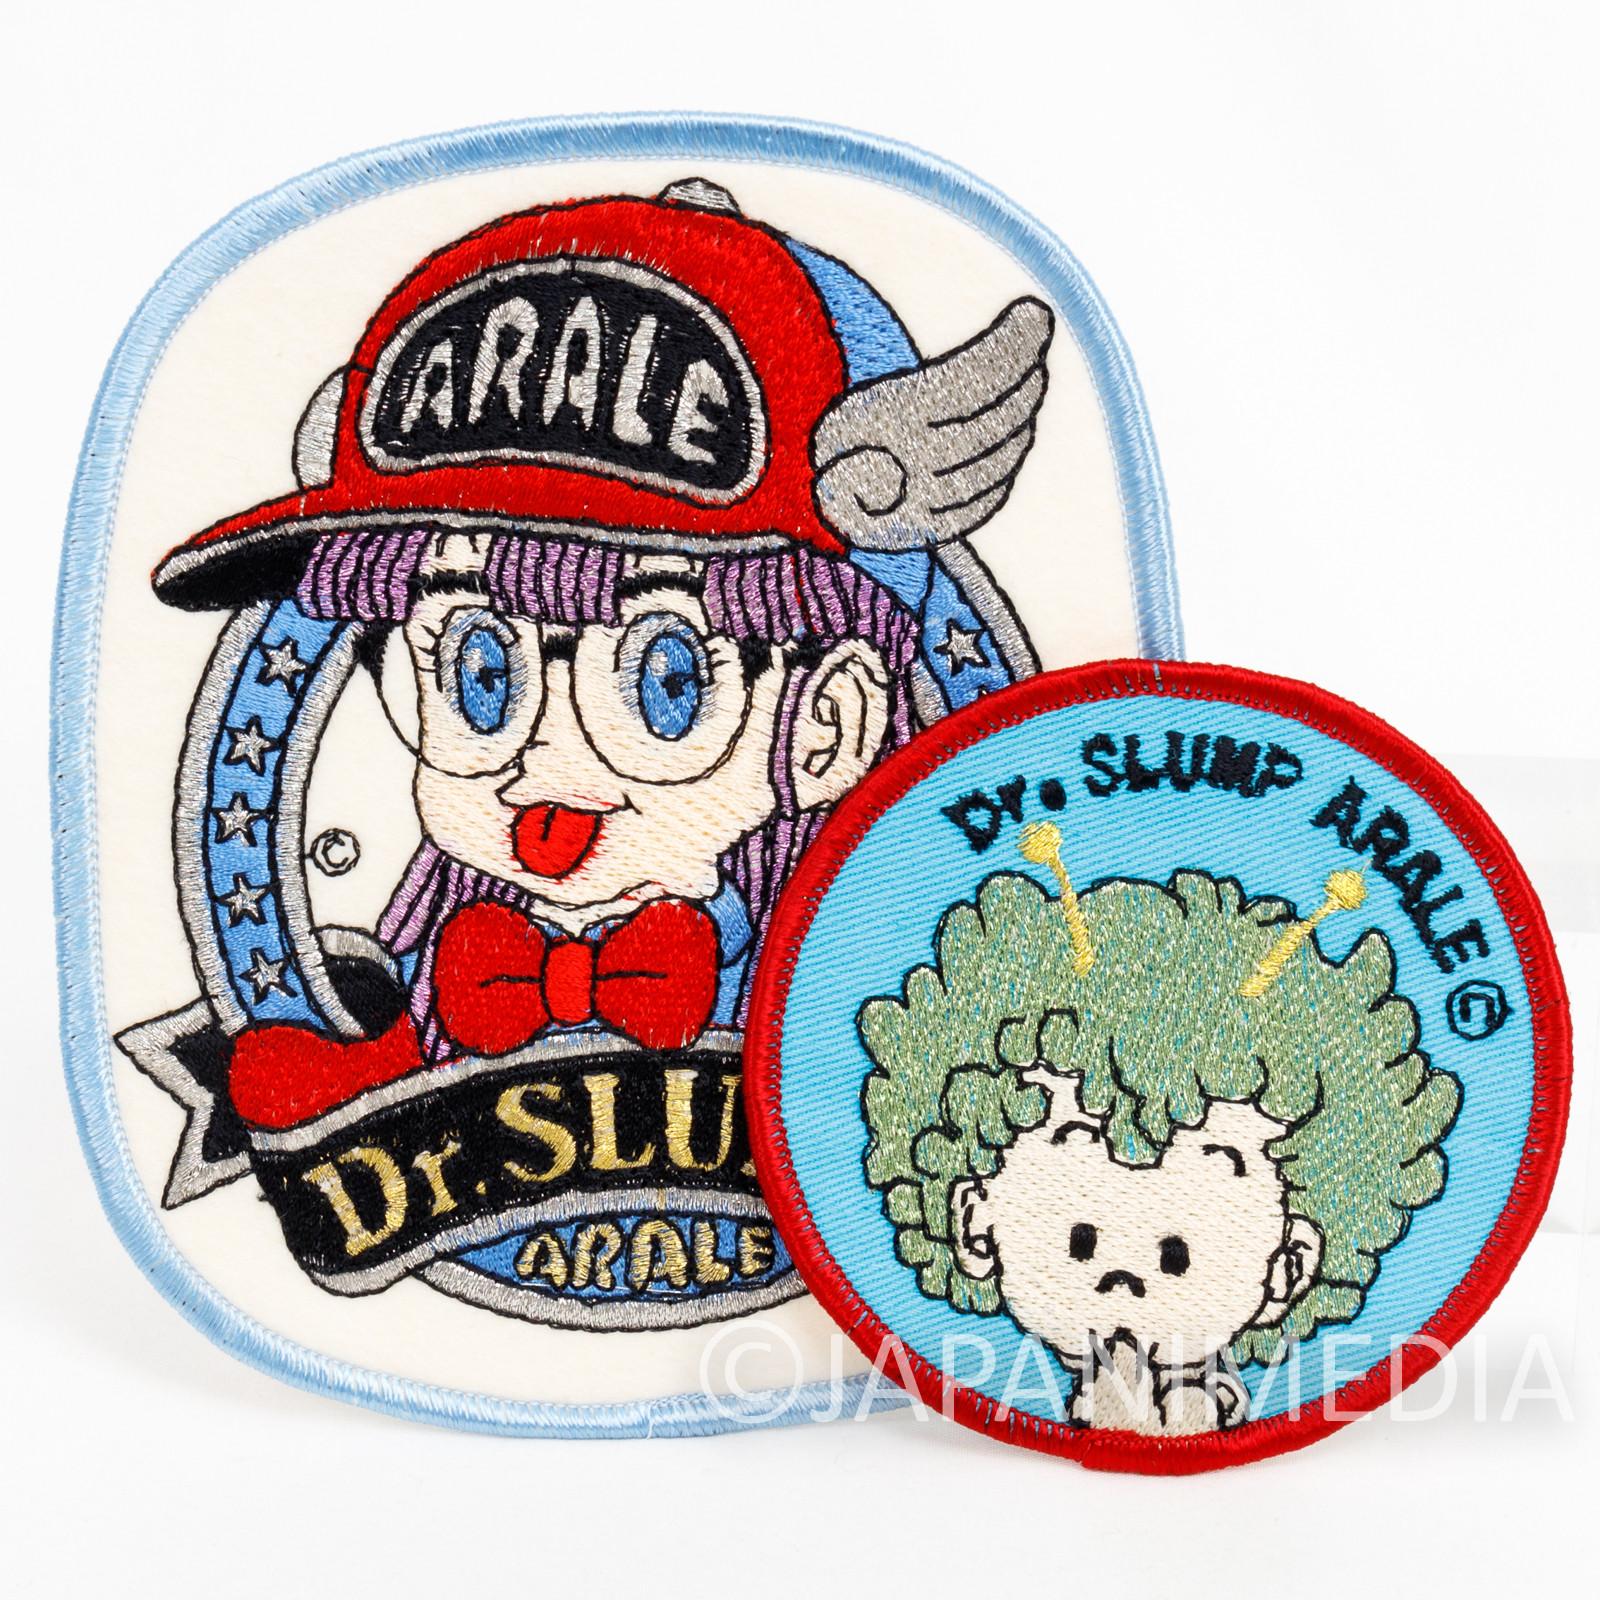 Retro Dr. Slump Arale chan Gatchan Wappen Emblem Badge 2pc Set #2 JAPAN ANIME